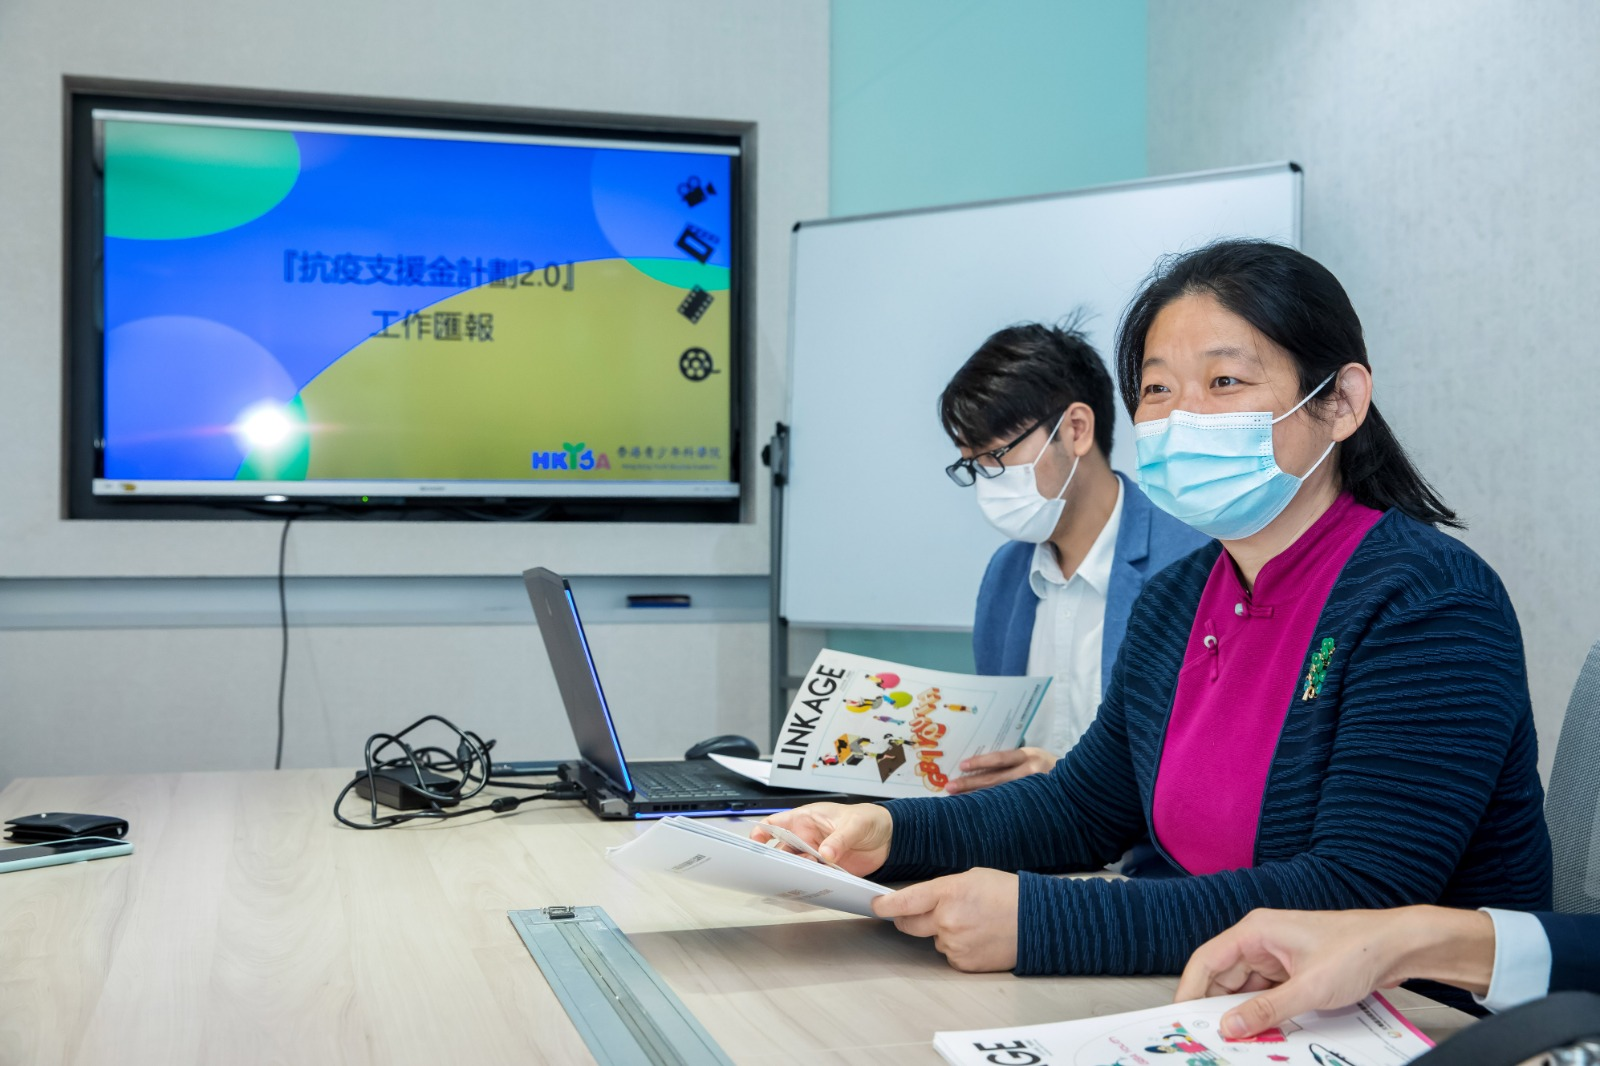 大灣區共同家園基金推210萬抗疫基金 支援青年服務 | 多倫多 | 加拿大中文新聞網 - 加拿大星島日報 Canada Chinese News